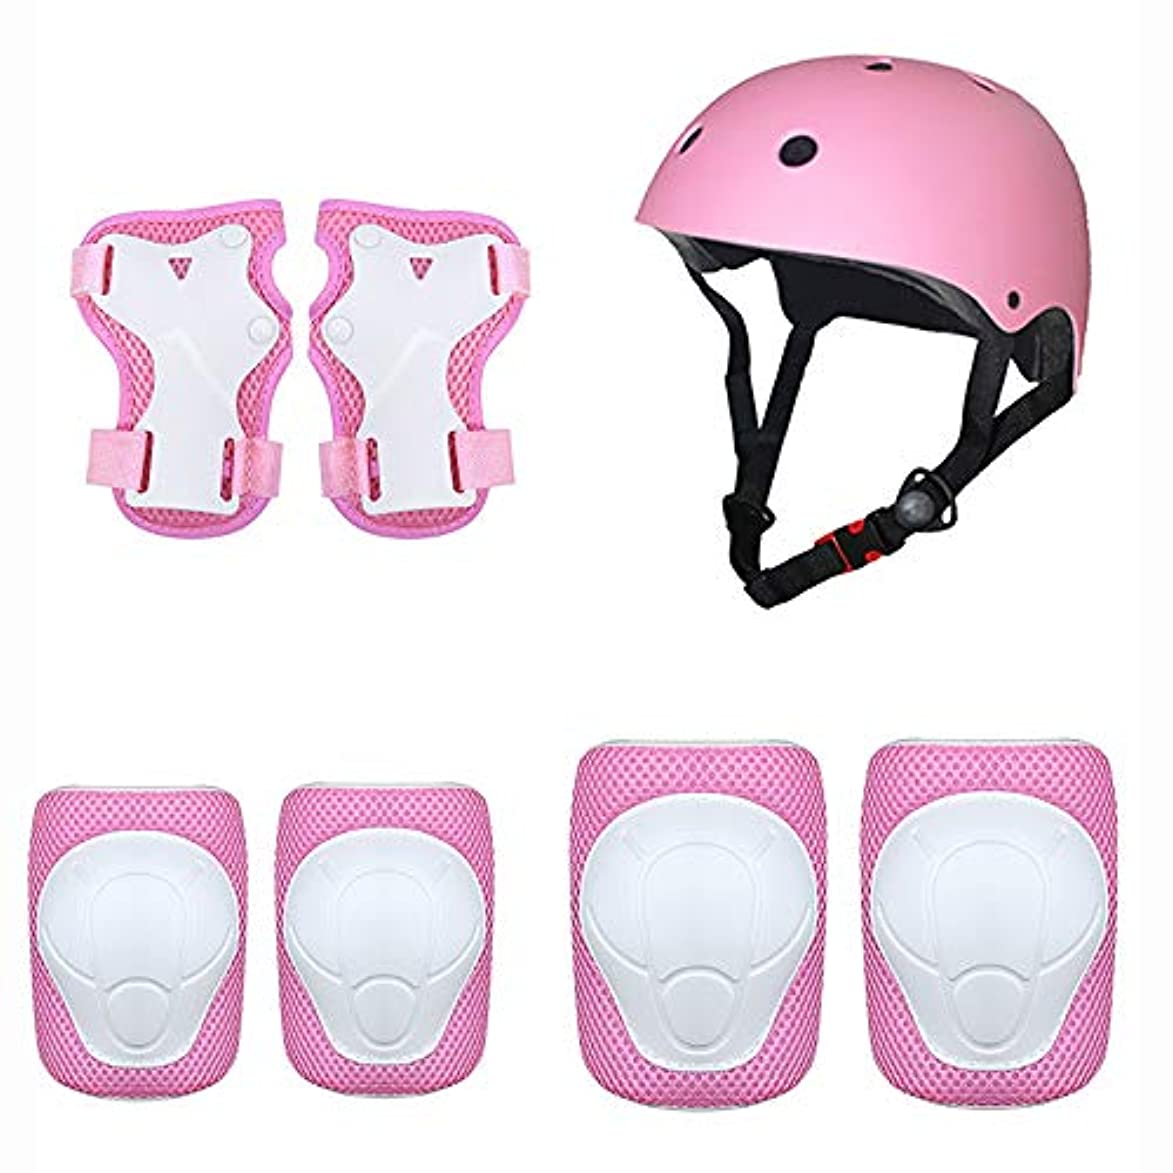 病成功患者子供用防護服セットヘルメット用肘パッドリストバンド黒膝パッド7組のローラースケートBAAYDフルスケートボードスケートバランスバイク保護-Pink